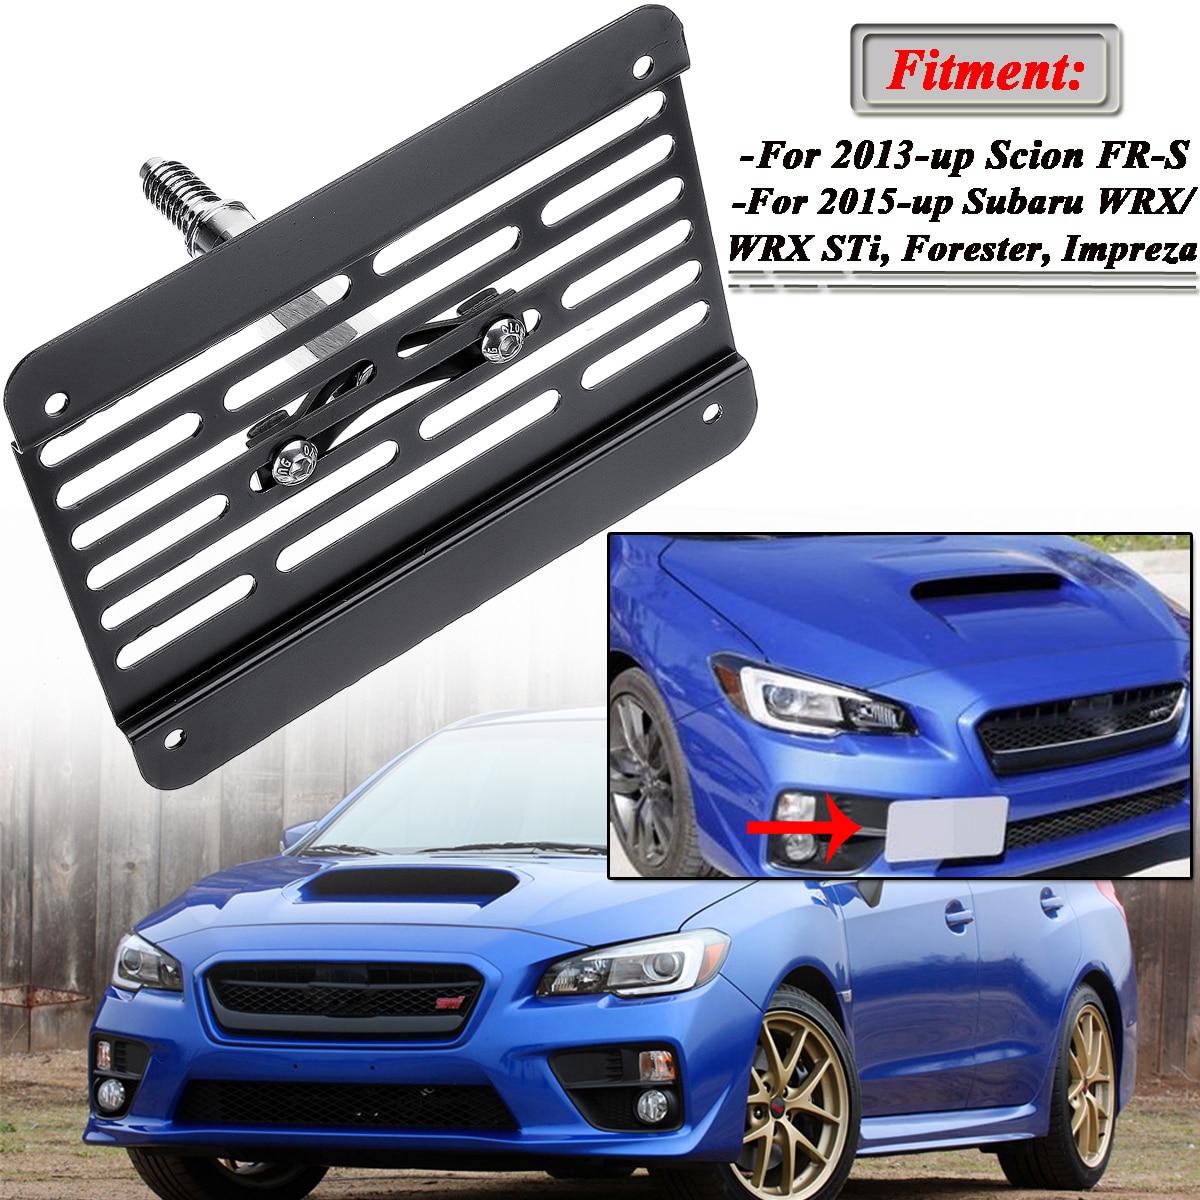 Nouveau crochet de remorquage pour pare-chocs avant support de cadre de plaque d'immatriculation support de montage pour Subaru WRX STI 2015-up Scion FR-S 2013-up